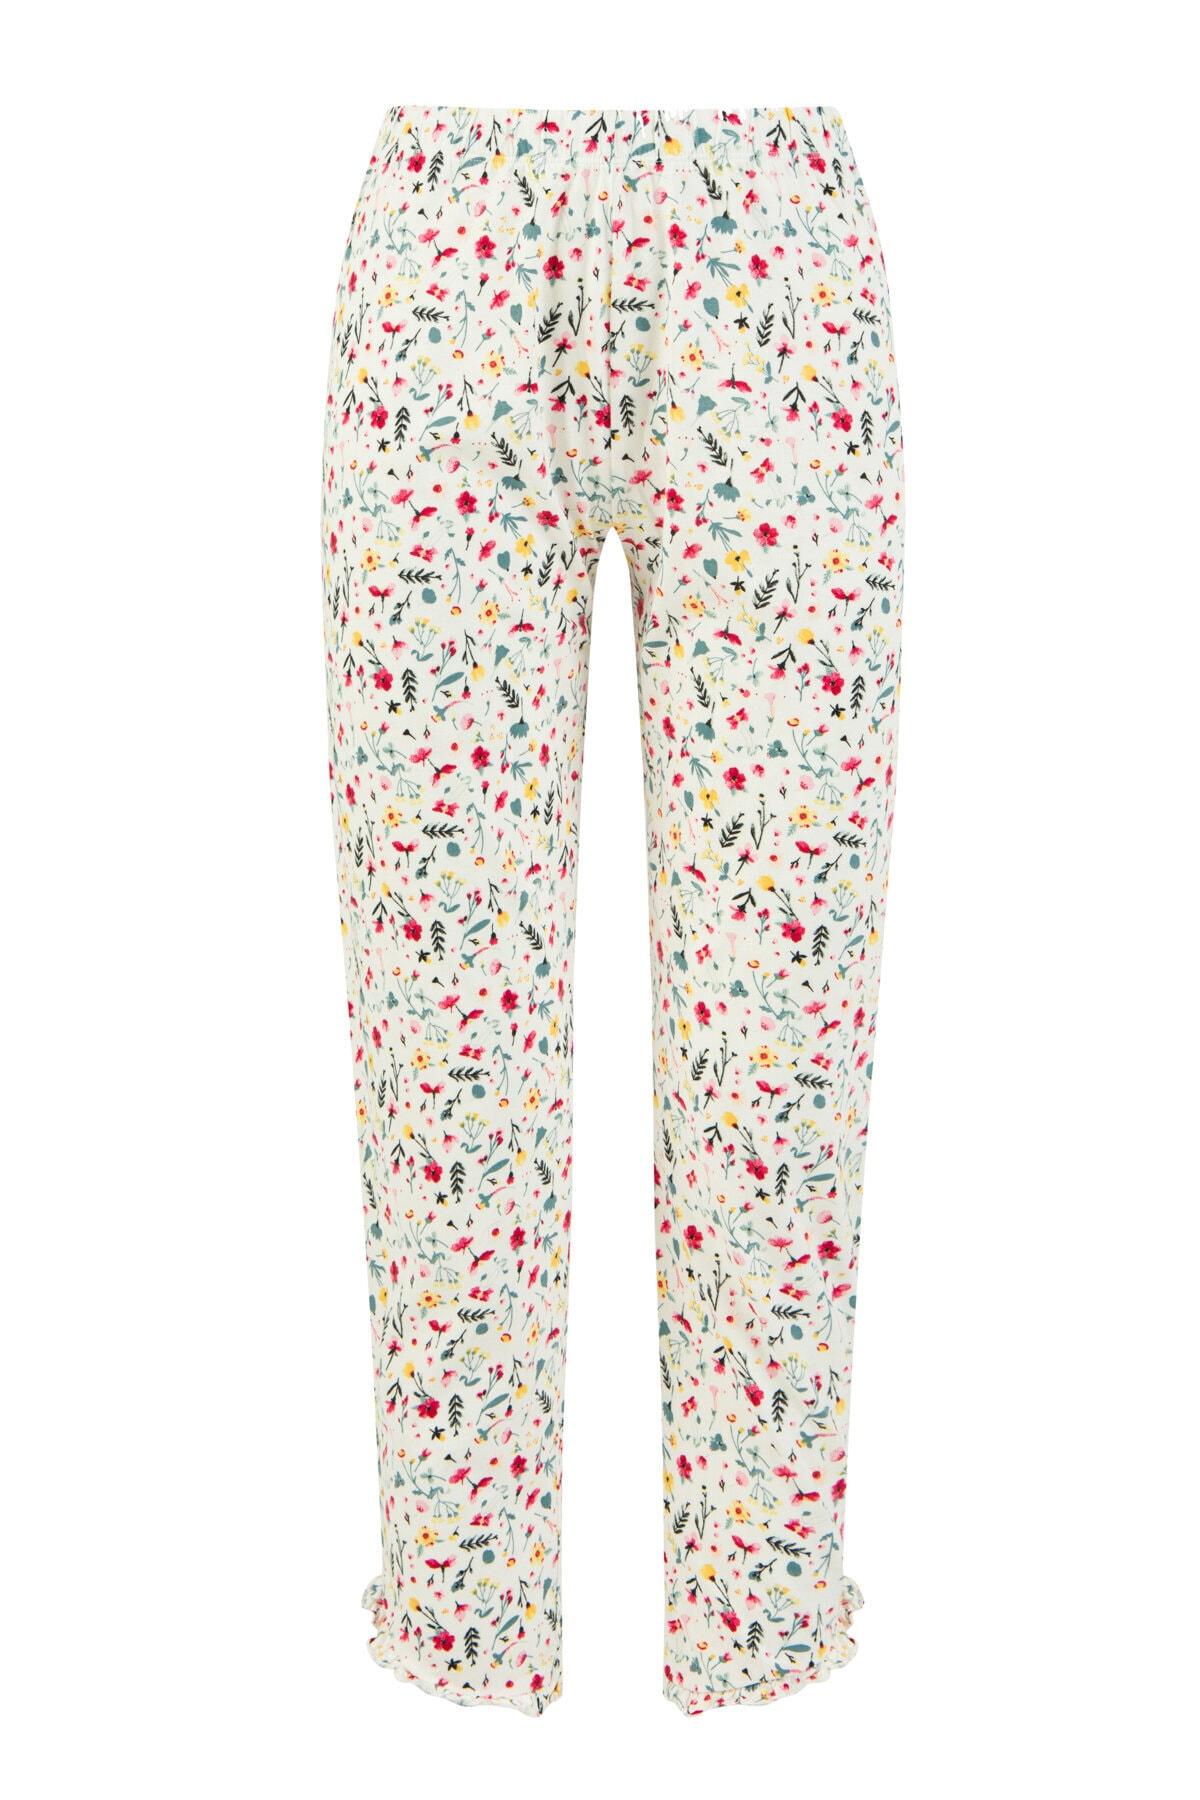 Penti Kadın Beyaz Everyday Pantalon